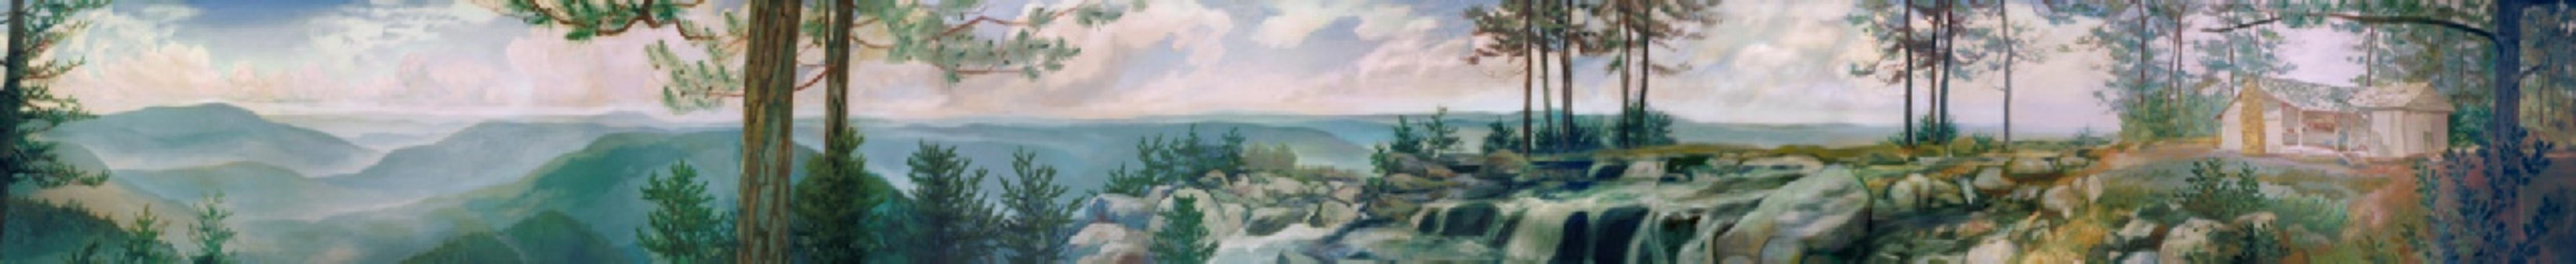 Appalacian Mural